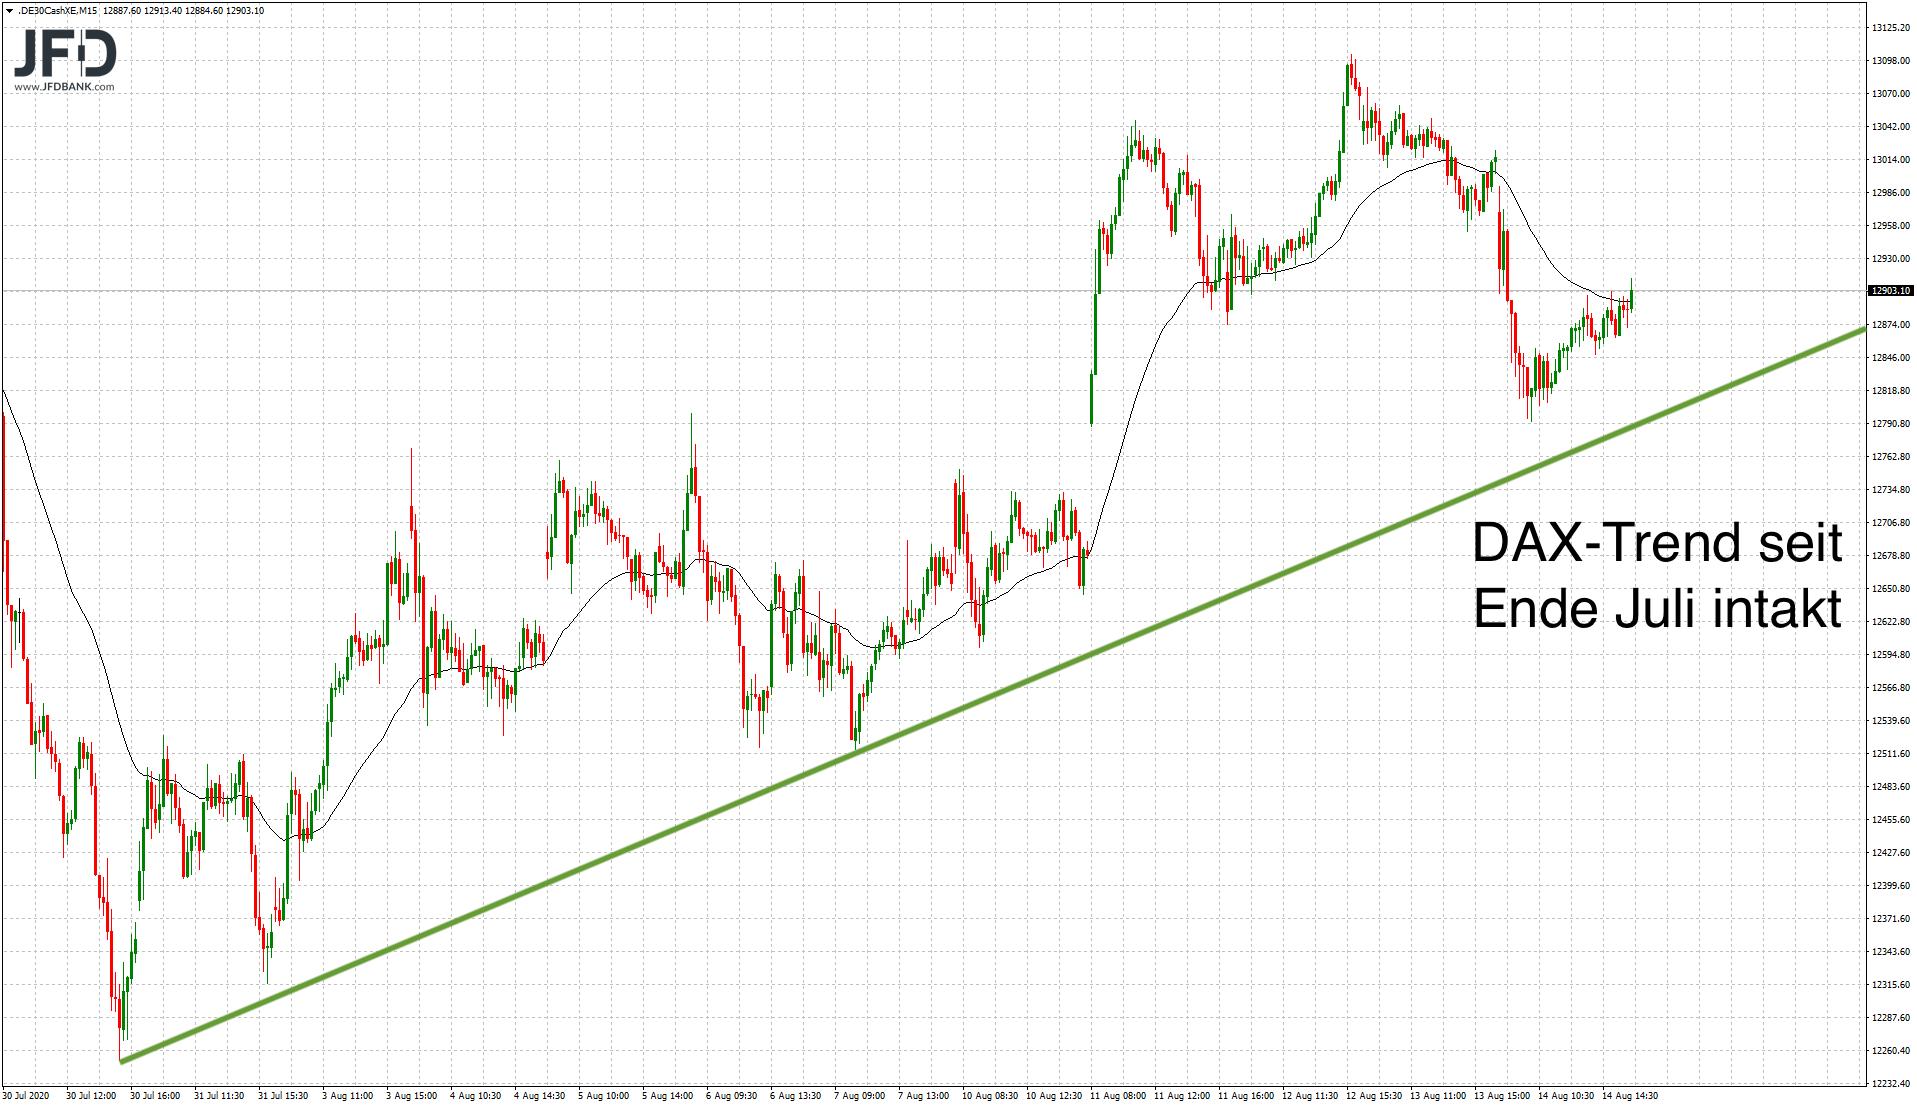 DAX-Trendlinie mittelfristig